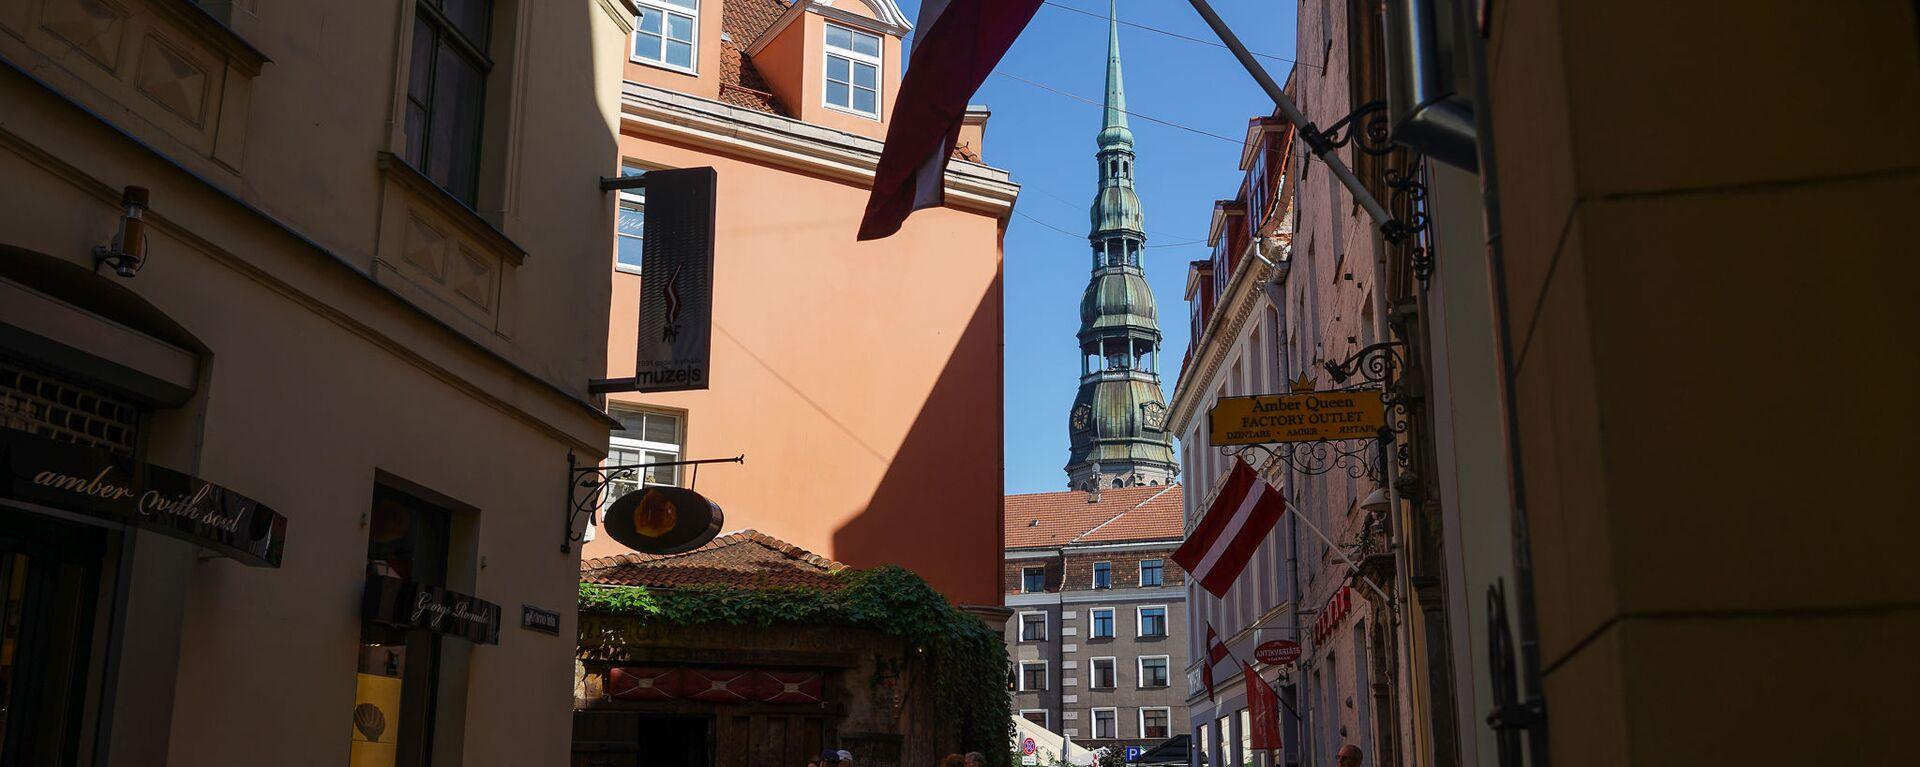 Улица Краму в Старой Риге - Sputnik Латвия, 1920, 08.08.2021